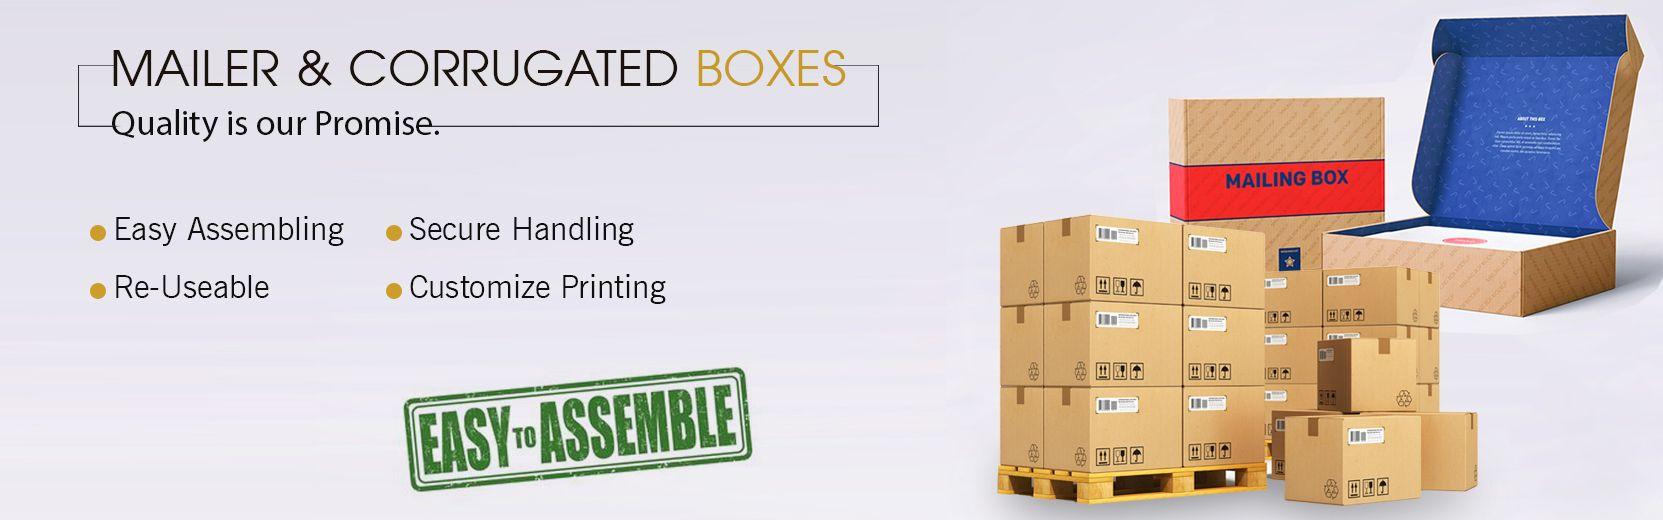 the premium boxes